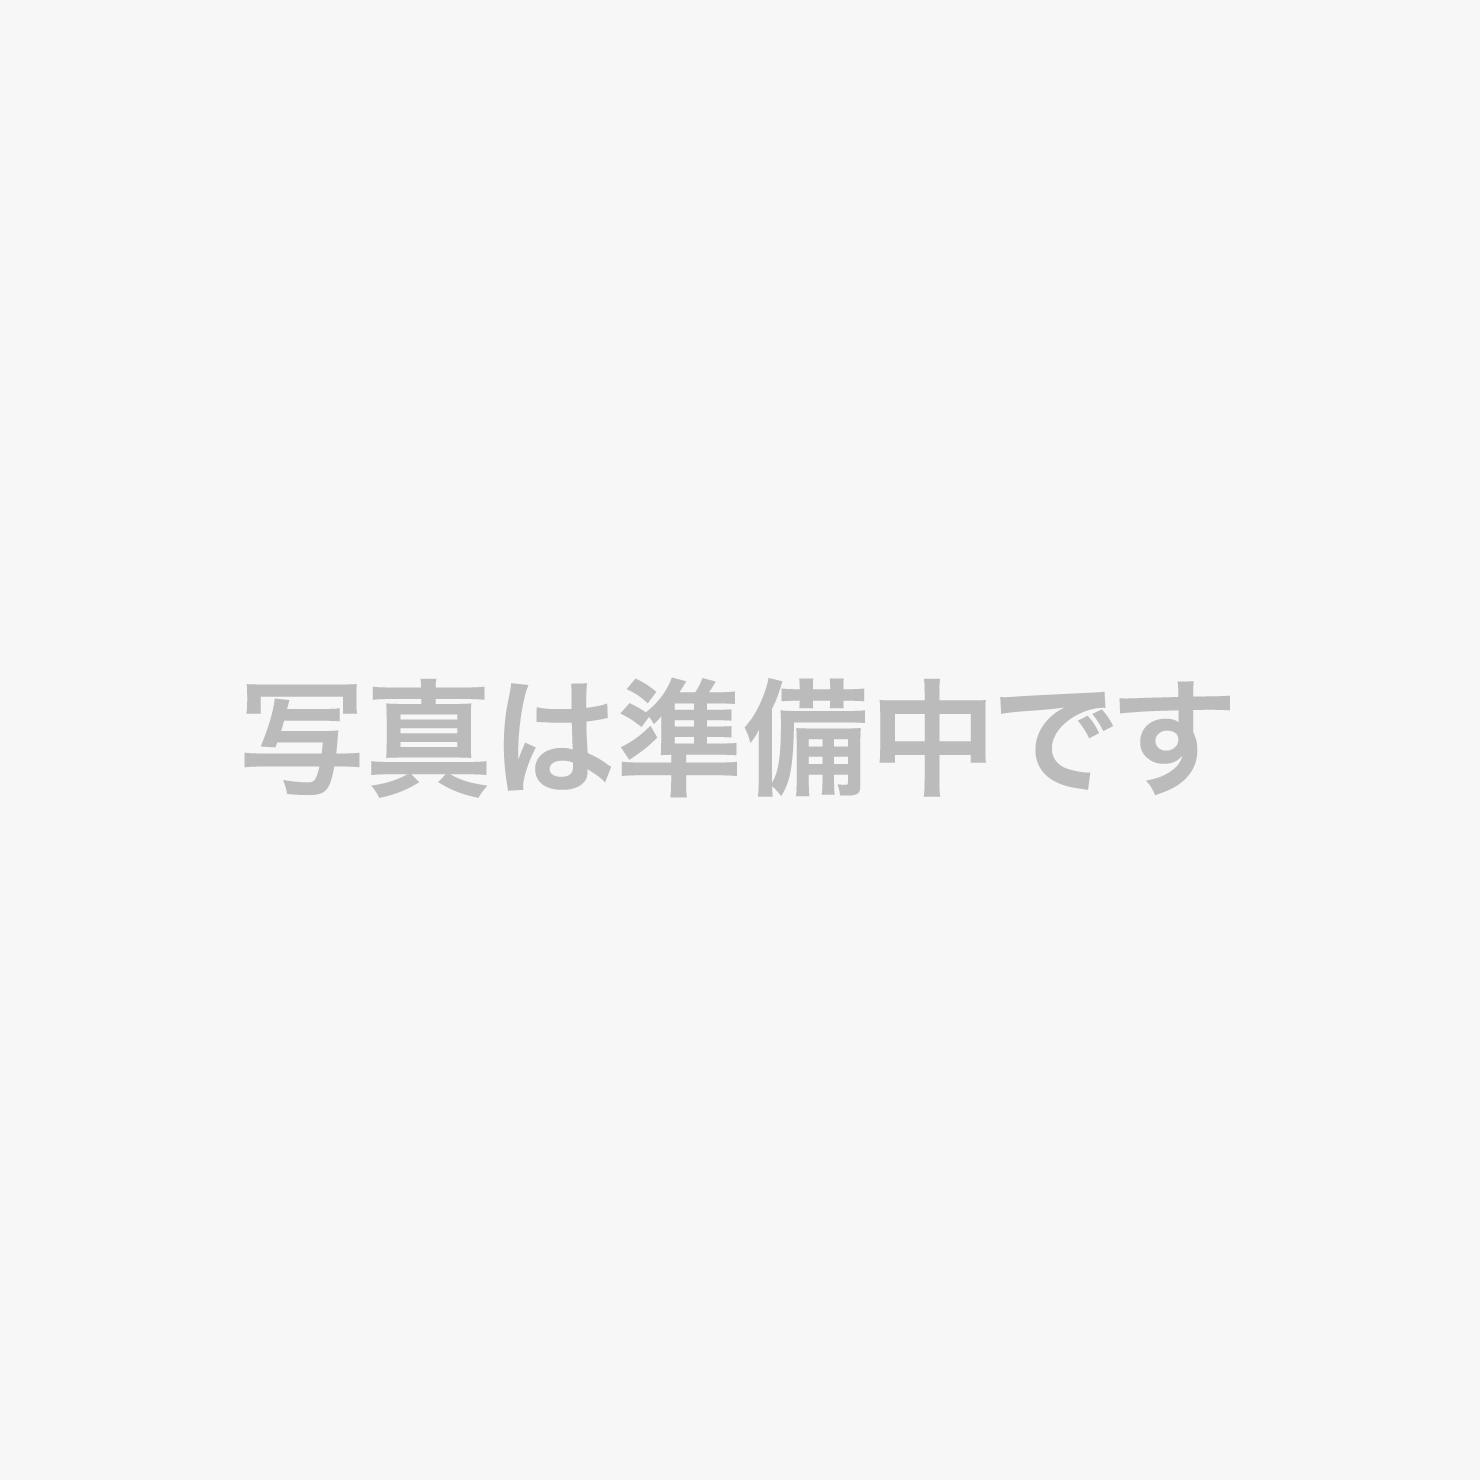 「下田キュイジーヌ」金目鯛づくし。金目鯛をシェフと板前がさまざまな調理法で仕上げる、期間限定の和洋折衷コース料理。